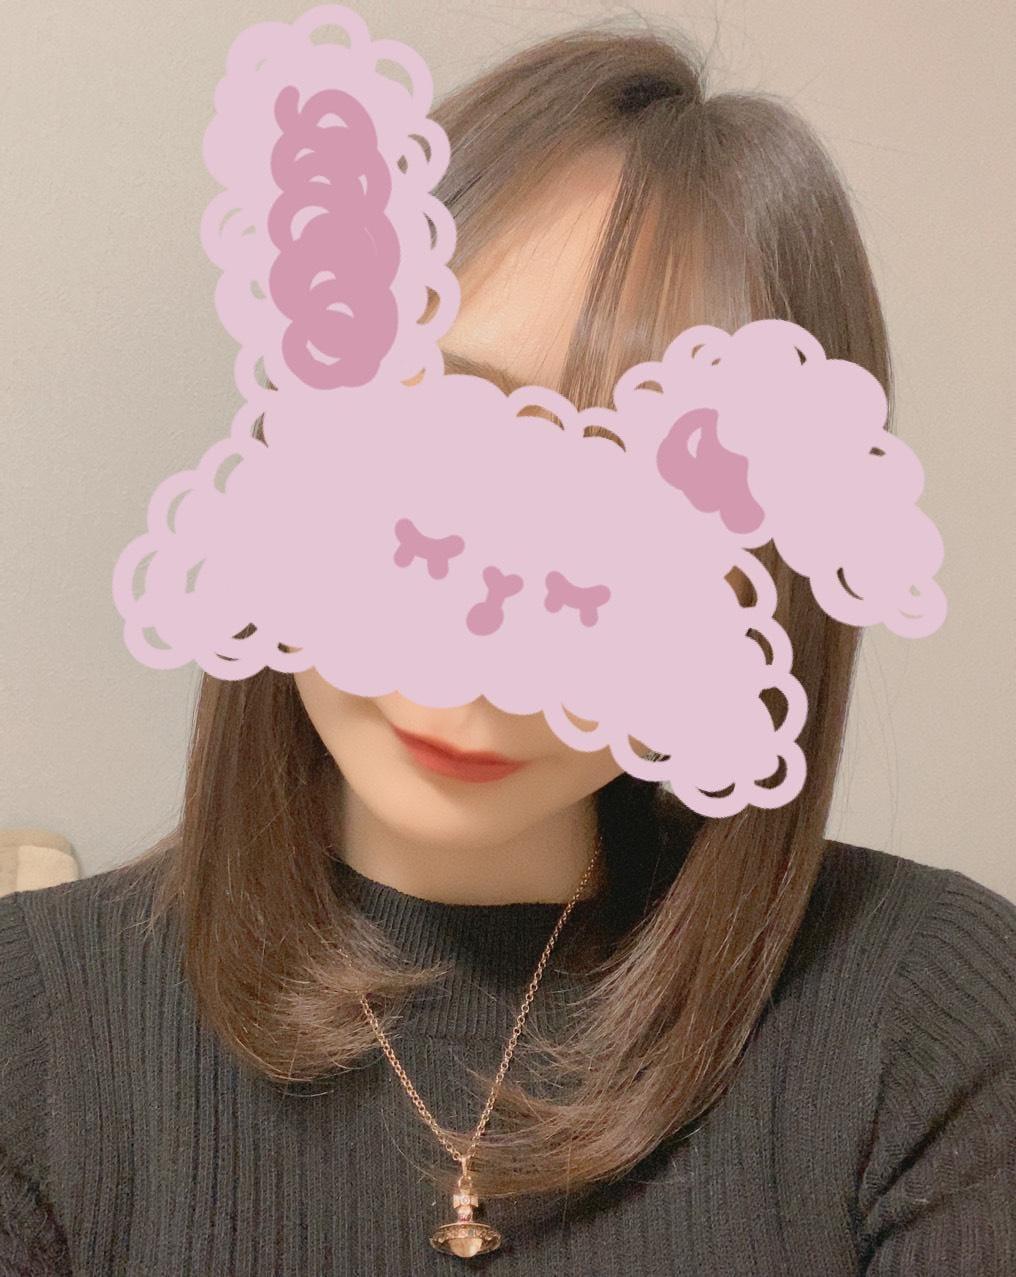 「しおりです」02/04(02/04) 13:18 | しおりの写メ・風俗動画